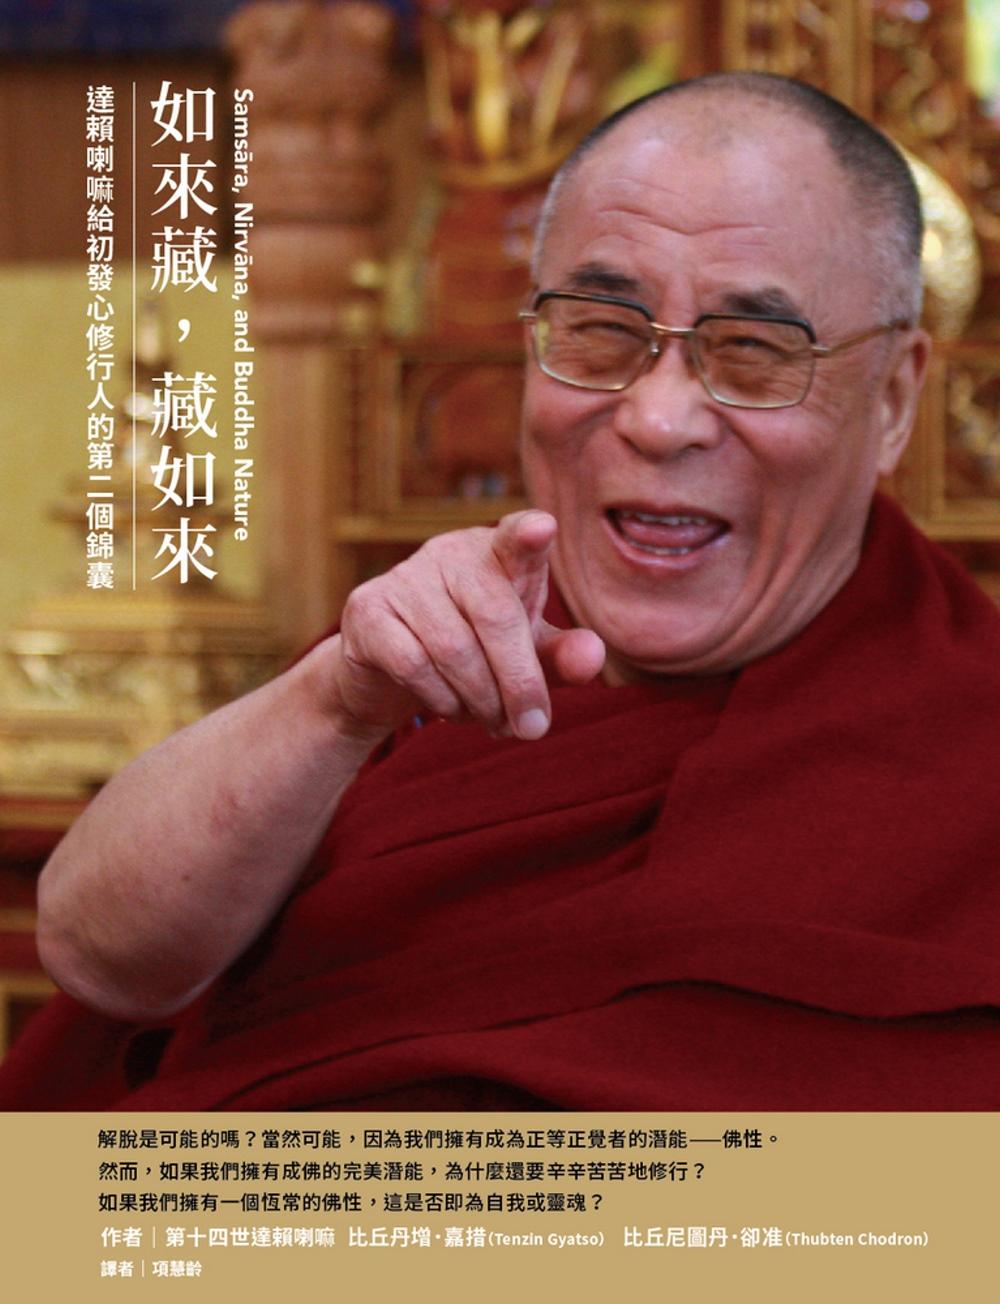 如來藏,藏如來:達賴喇嘛給初發...